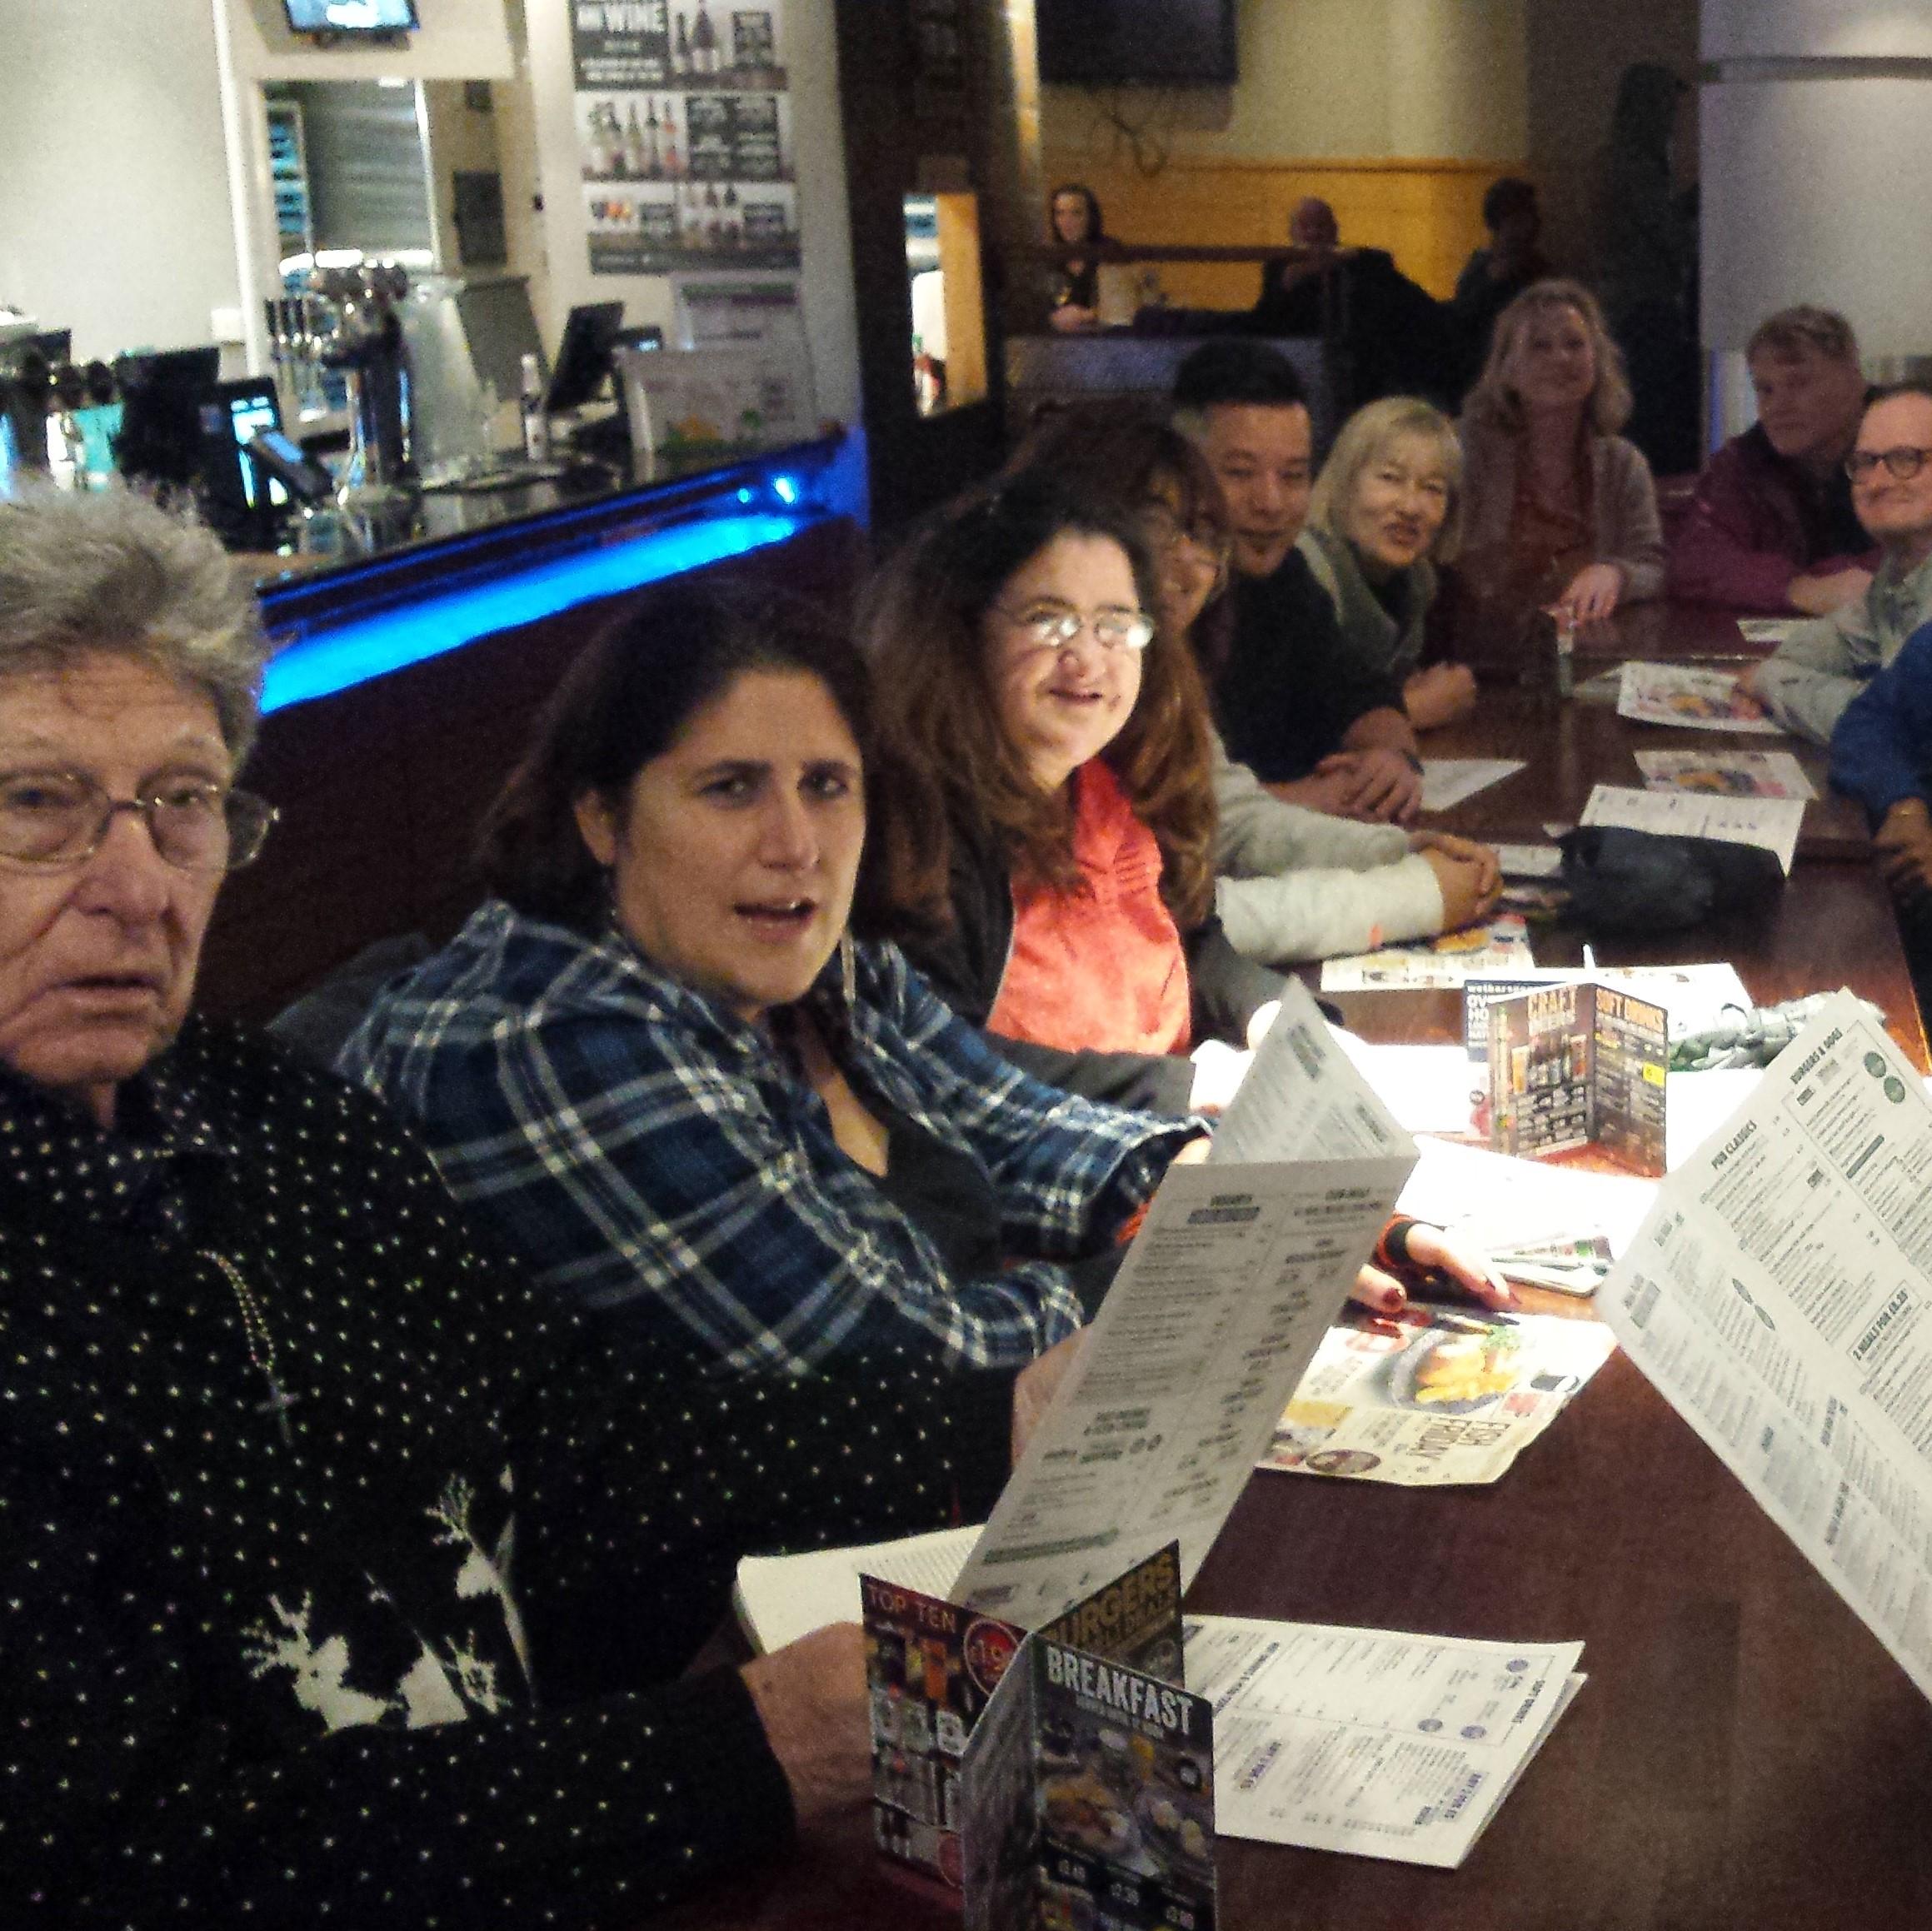 MTJAC Rethink Members Day Birmingham Nov 2016 Wetherspoons sq.jpg